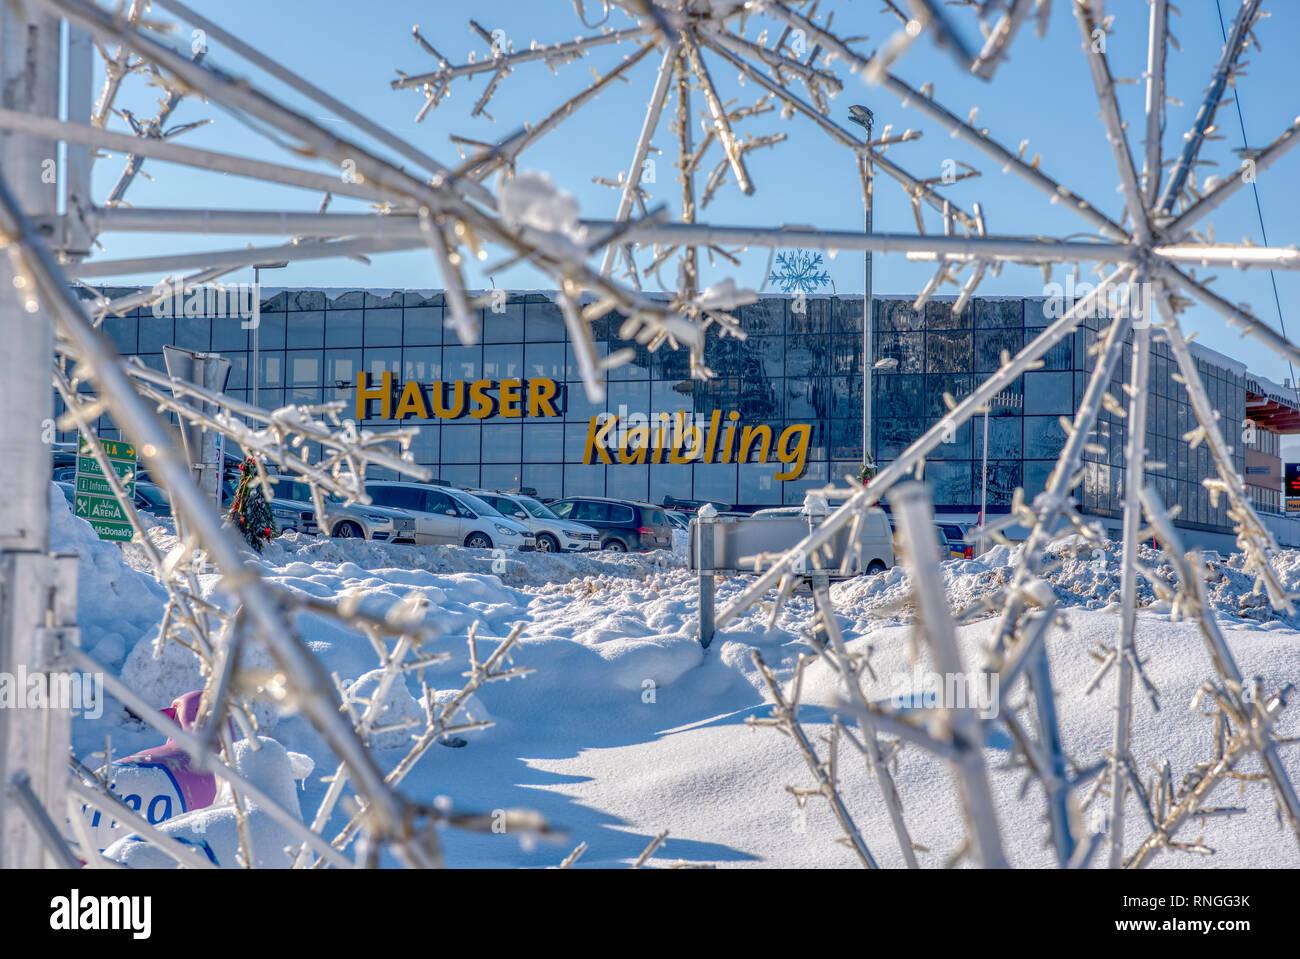 Skigebiet Hauser Kaibling - einer von Österreichs Top Skigebiete 44 Liftanlagen 123 km Pisten, Parkplatz, Schladminger miteinander 4 Berge Stockfoto